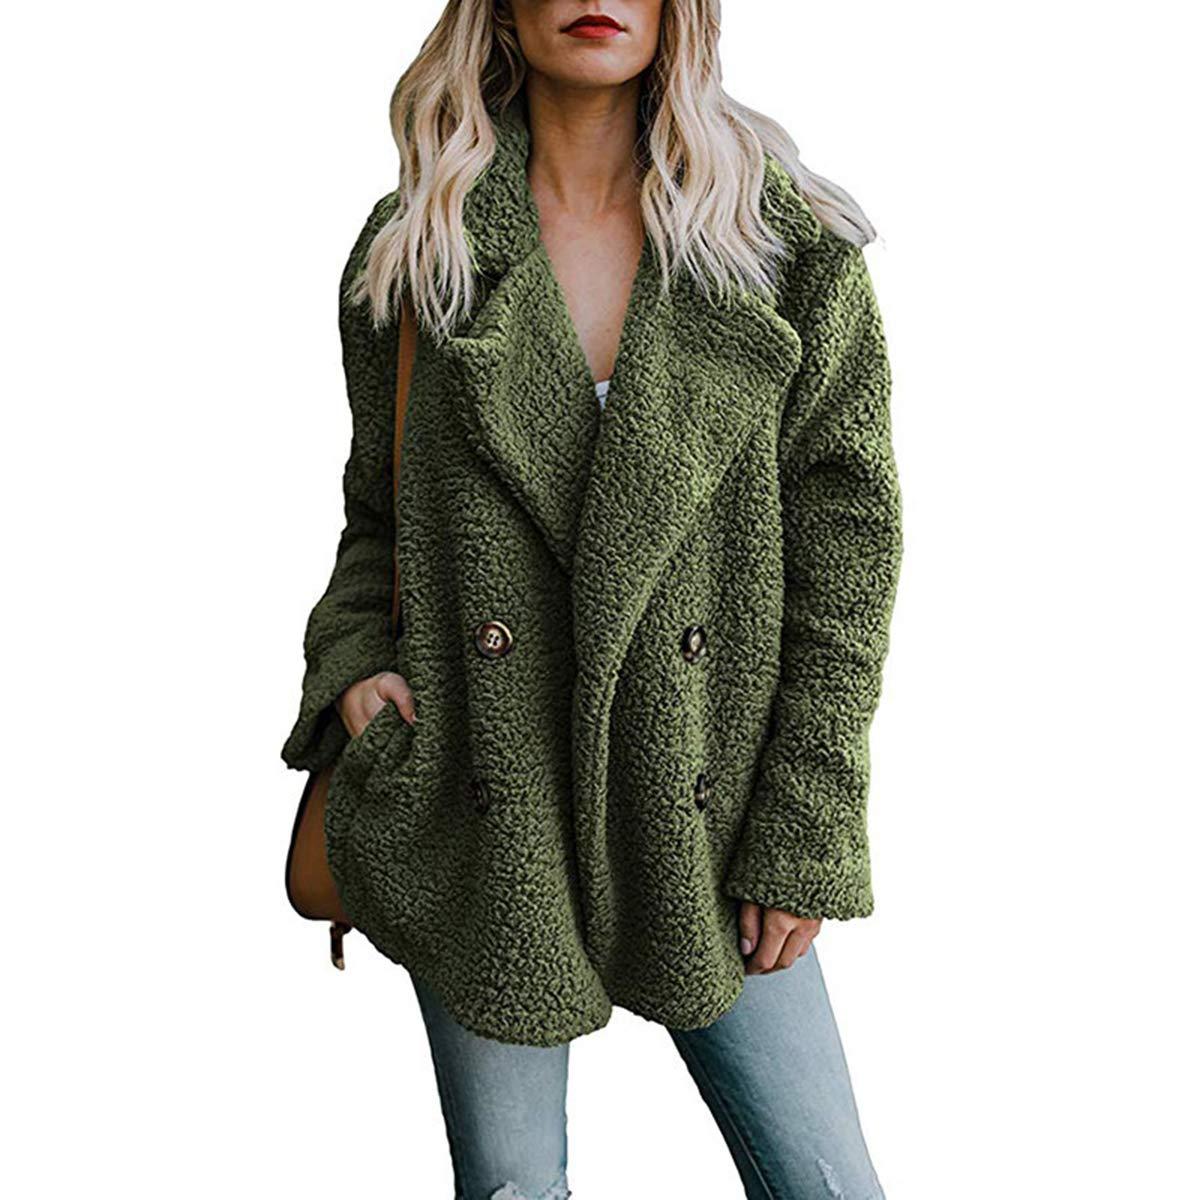 Women Winter Warm Fuzzy Coat Open Front Fleece Cardigan Outerwear Wrap with Pockets